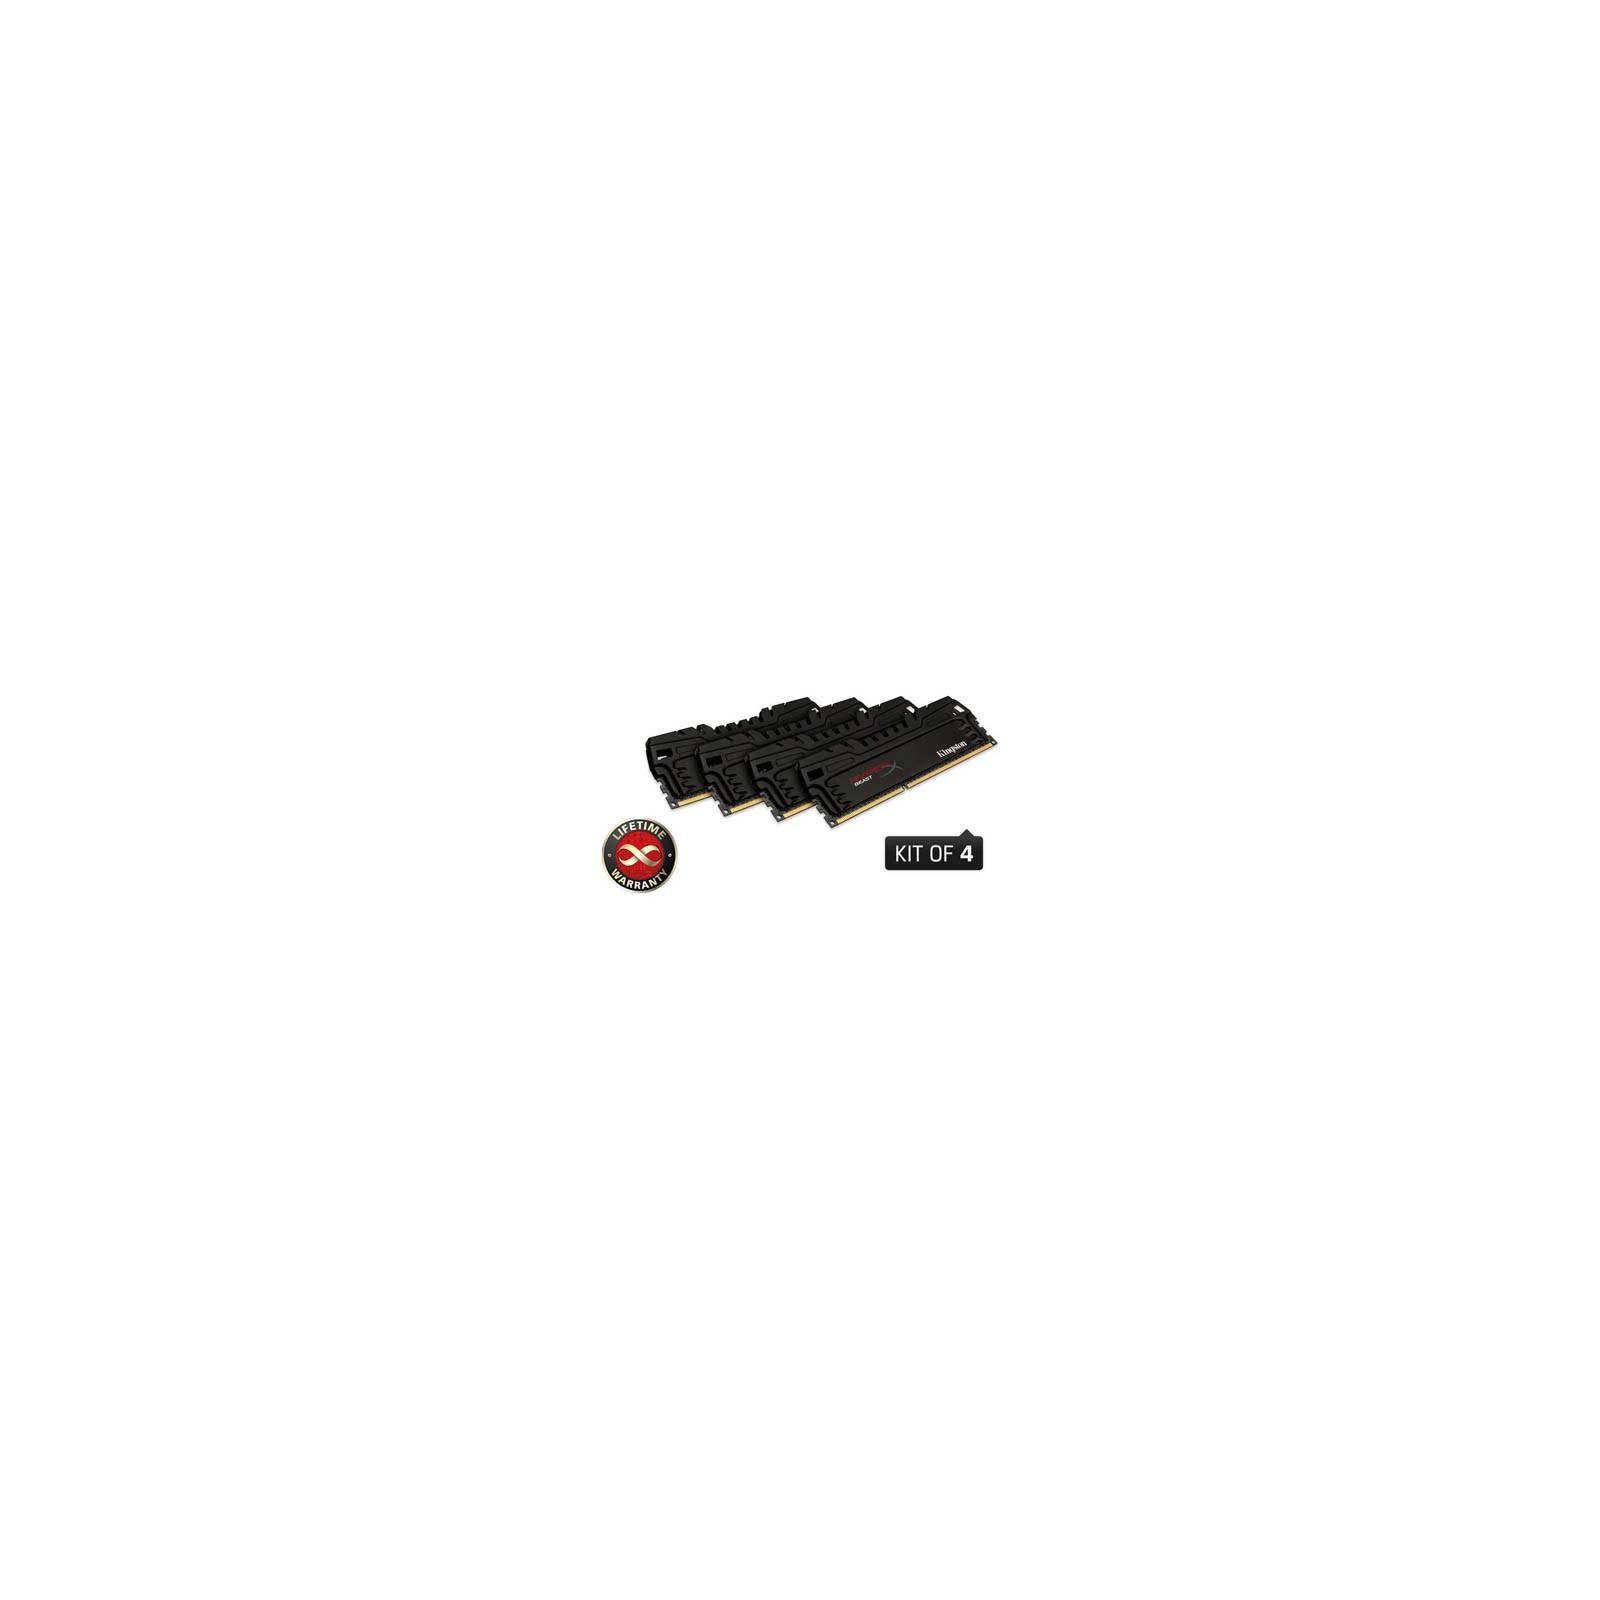 Модуль памяти для компьютера DDR3 16GB (4x4GB) 1866 MHz Kingston (KHX18C9T3K4/16X)